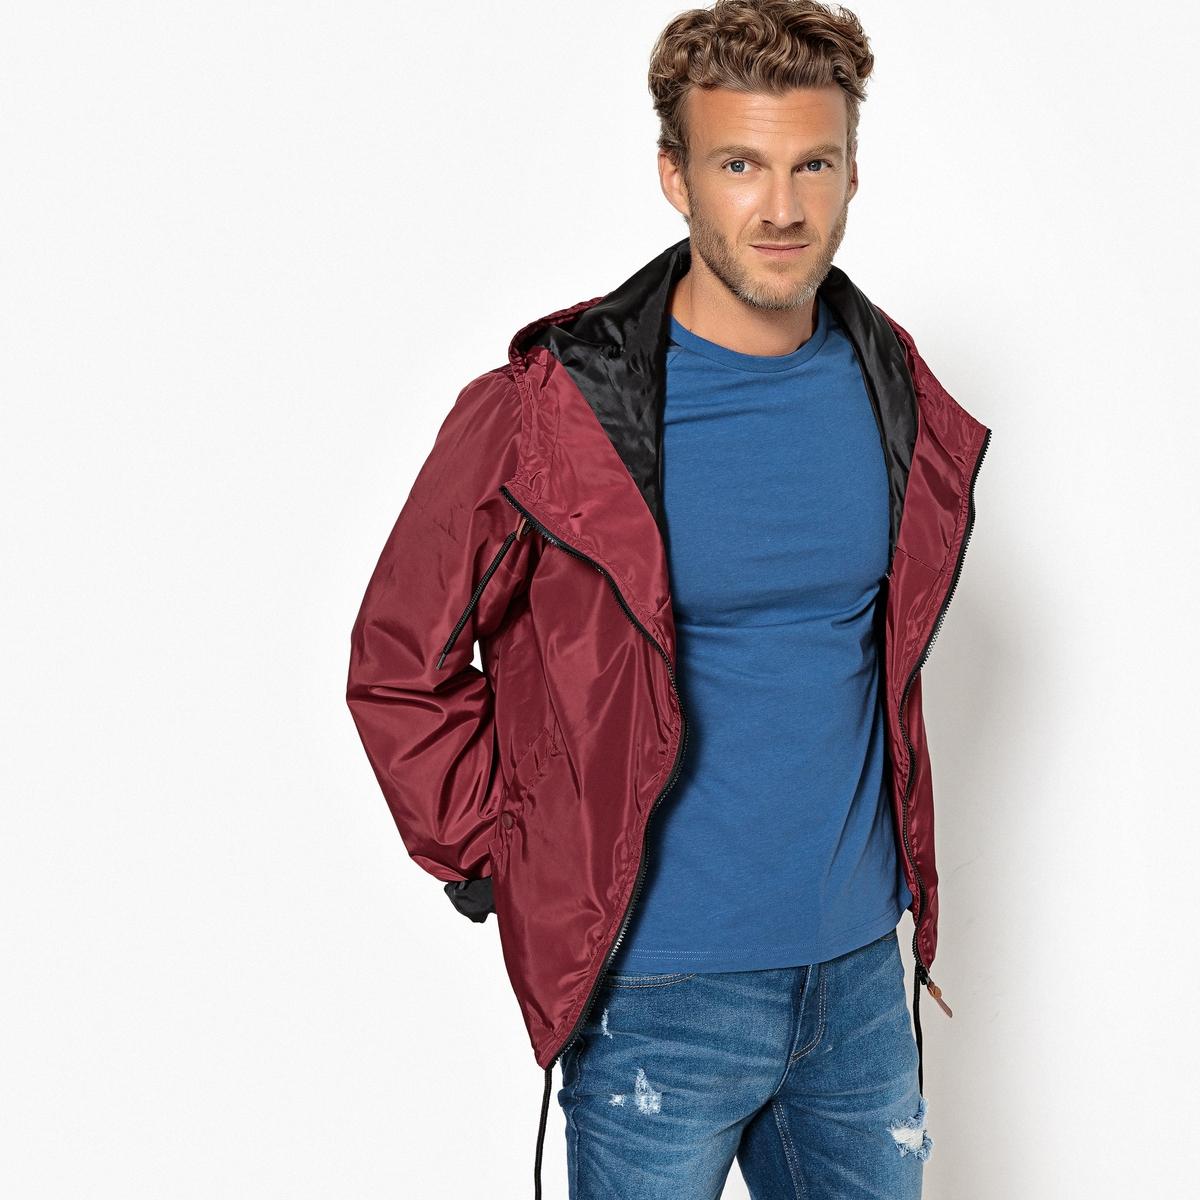 Блузон La Redoute Легкий с капюшоном L красный пальто la redoute из меха с капюшоном gabonback l синий